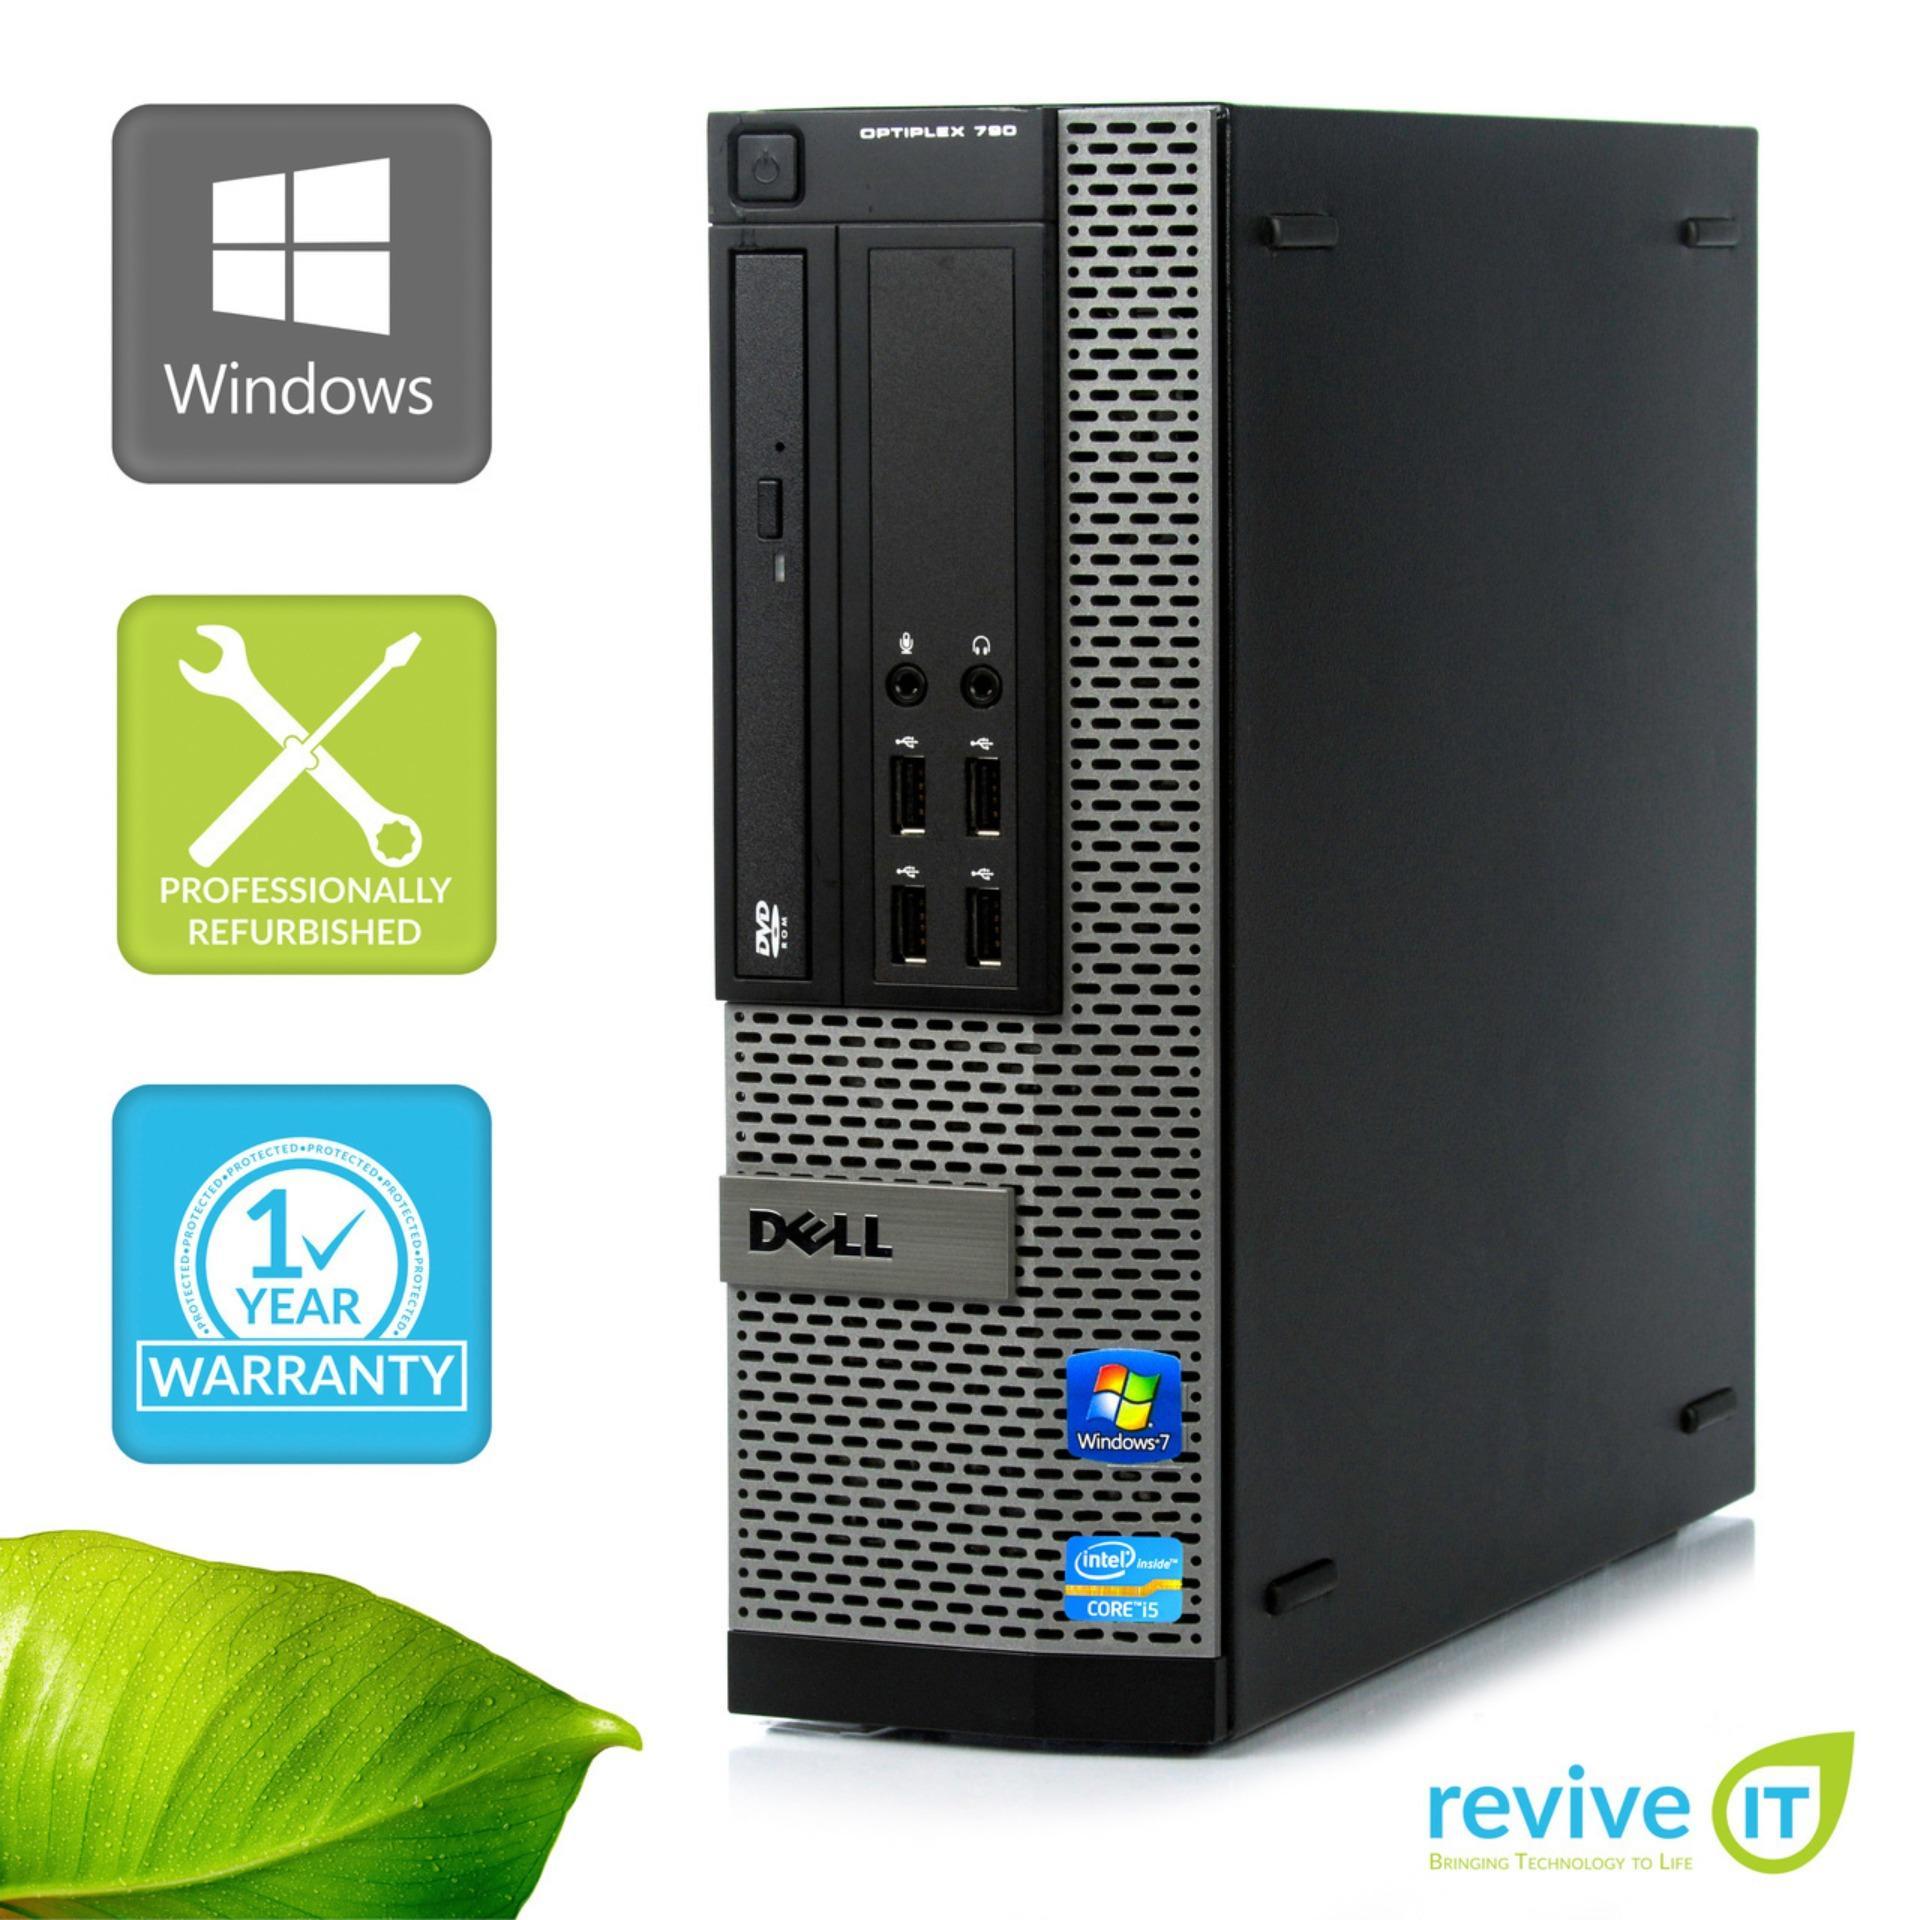 Offer Khuyến Mãi DELL OPTIPLEX 990 SFF (Core I5 2500, Ram 8GB, SSD 240GB) + Quà Tặng - Hàng Nhập Khẩu